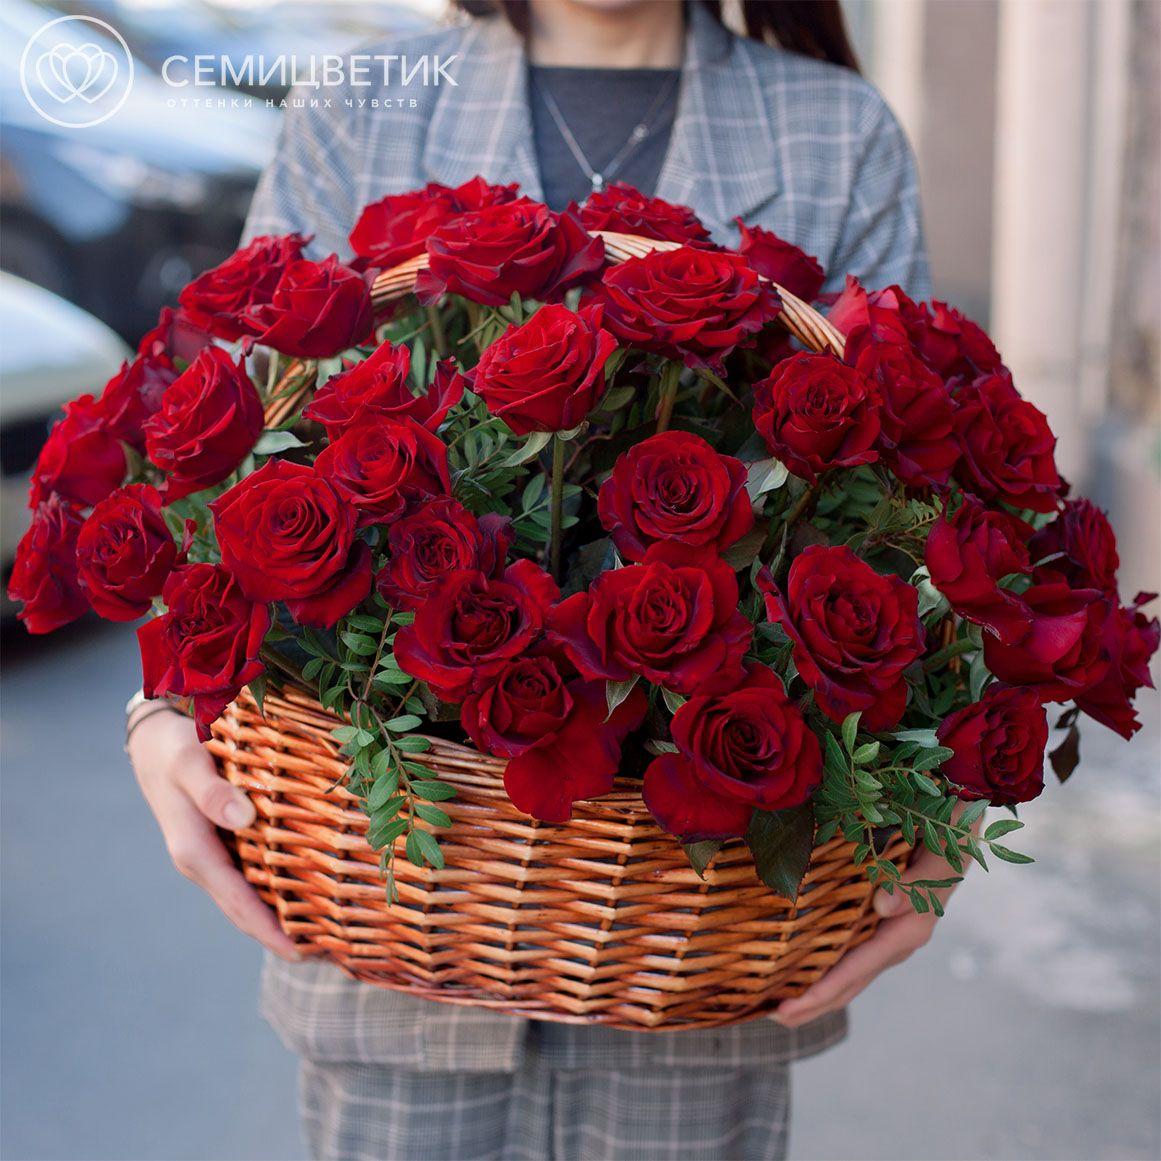 Композиция из 51 красной российской розы (Магия) 35 см в корзине фото